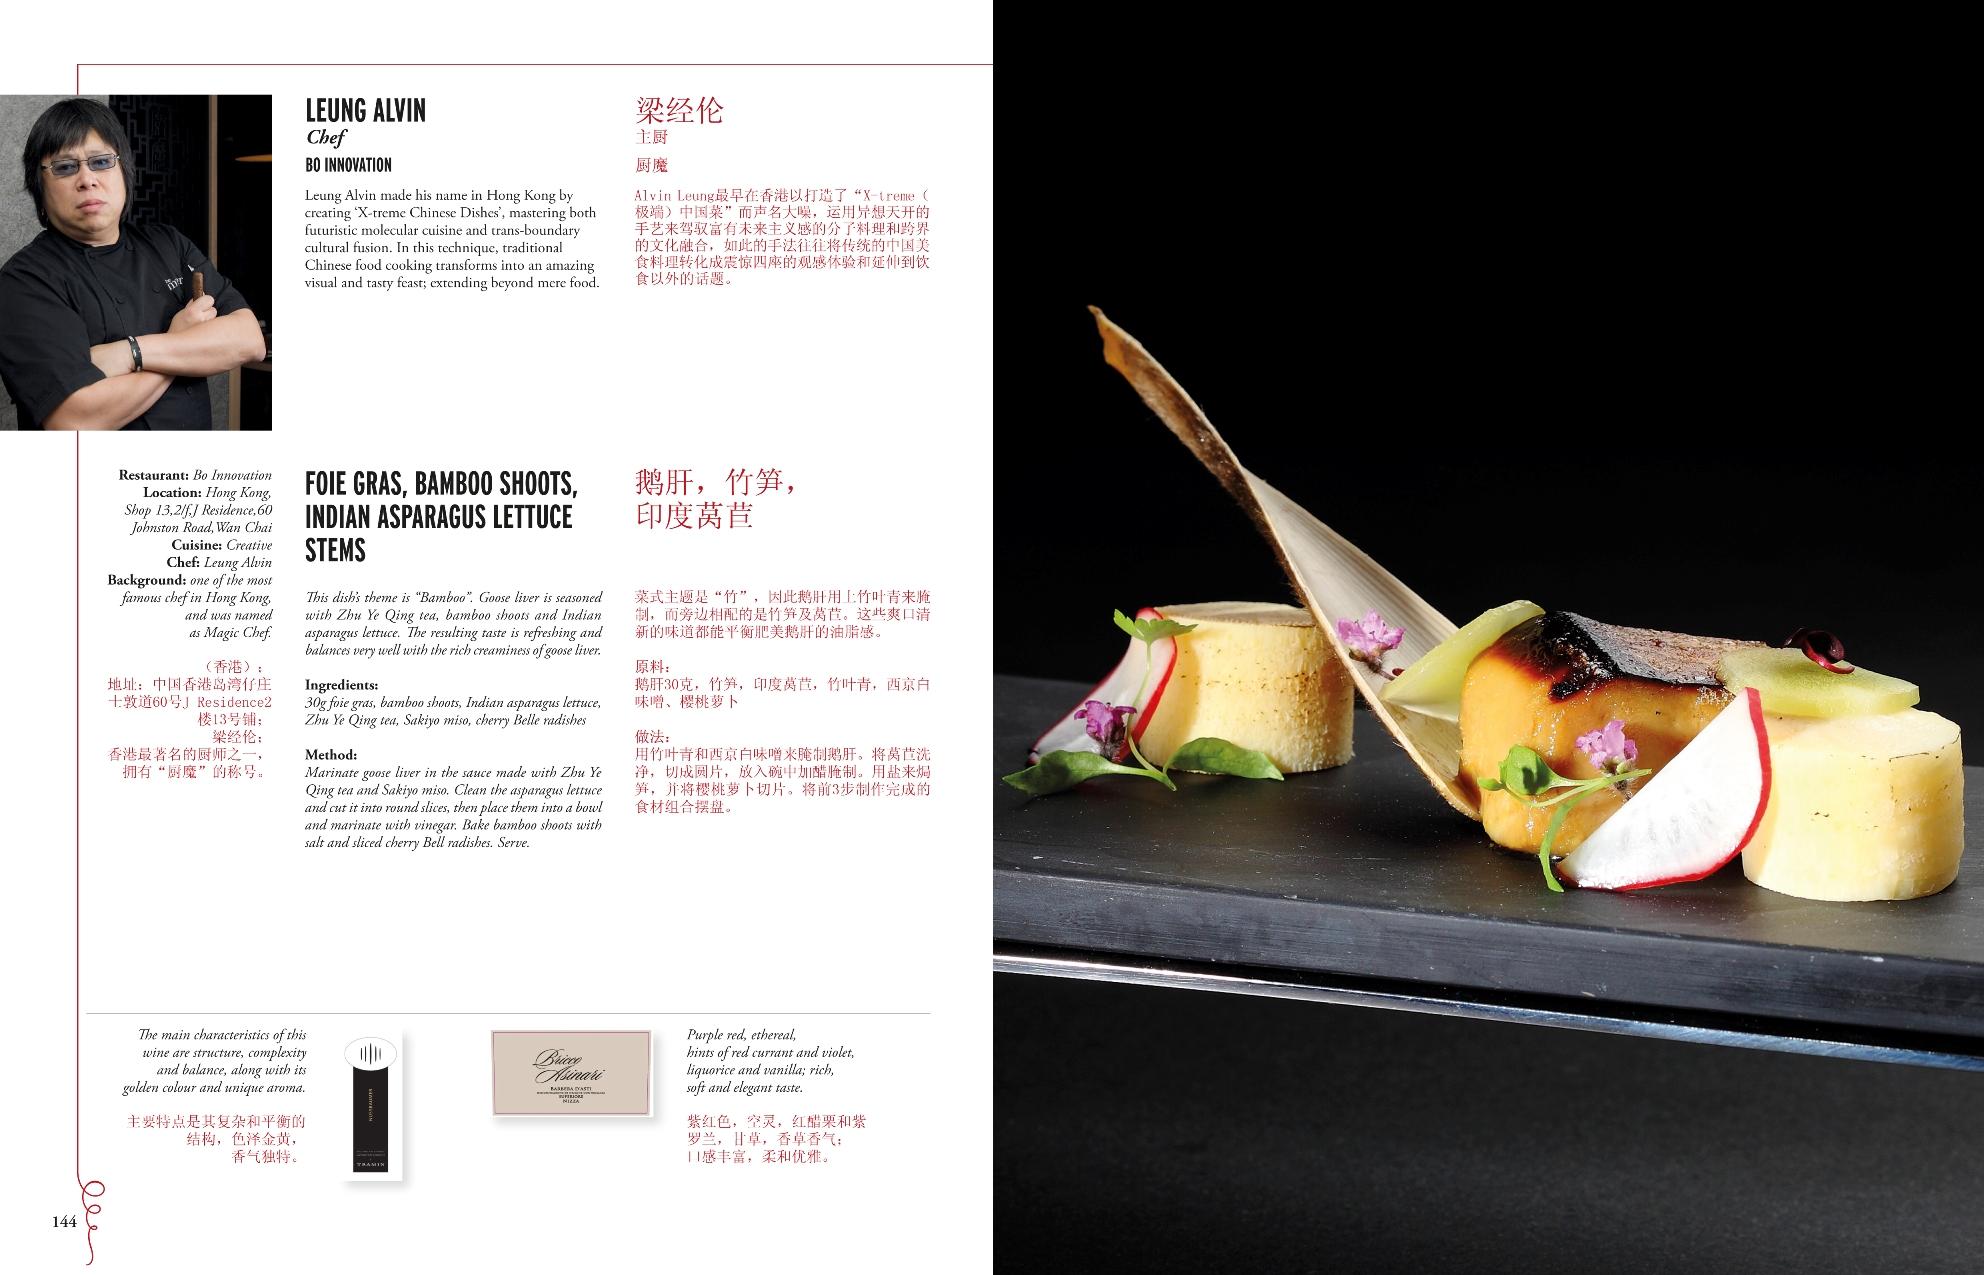 Bo innovation Foie gras.indd